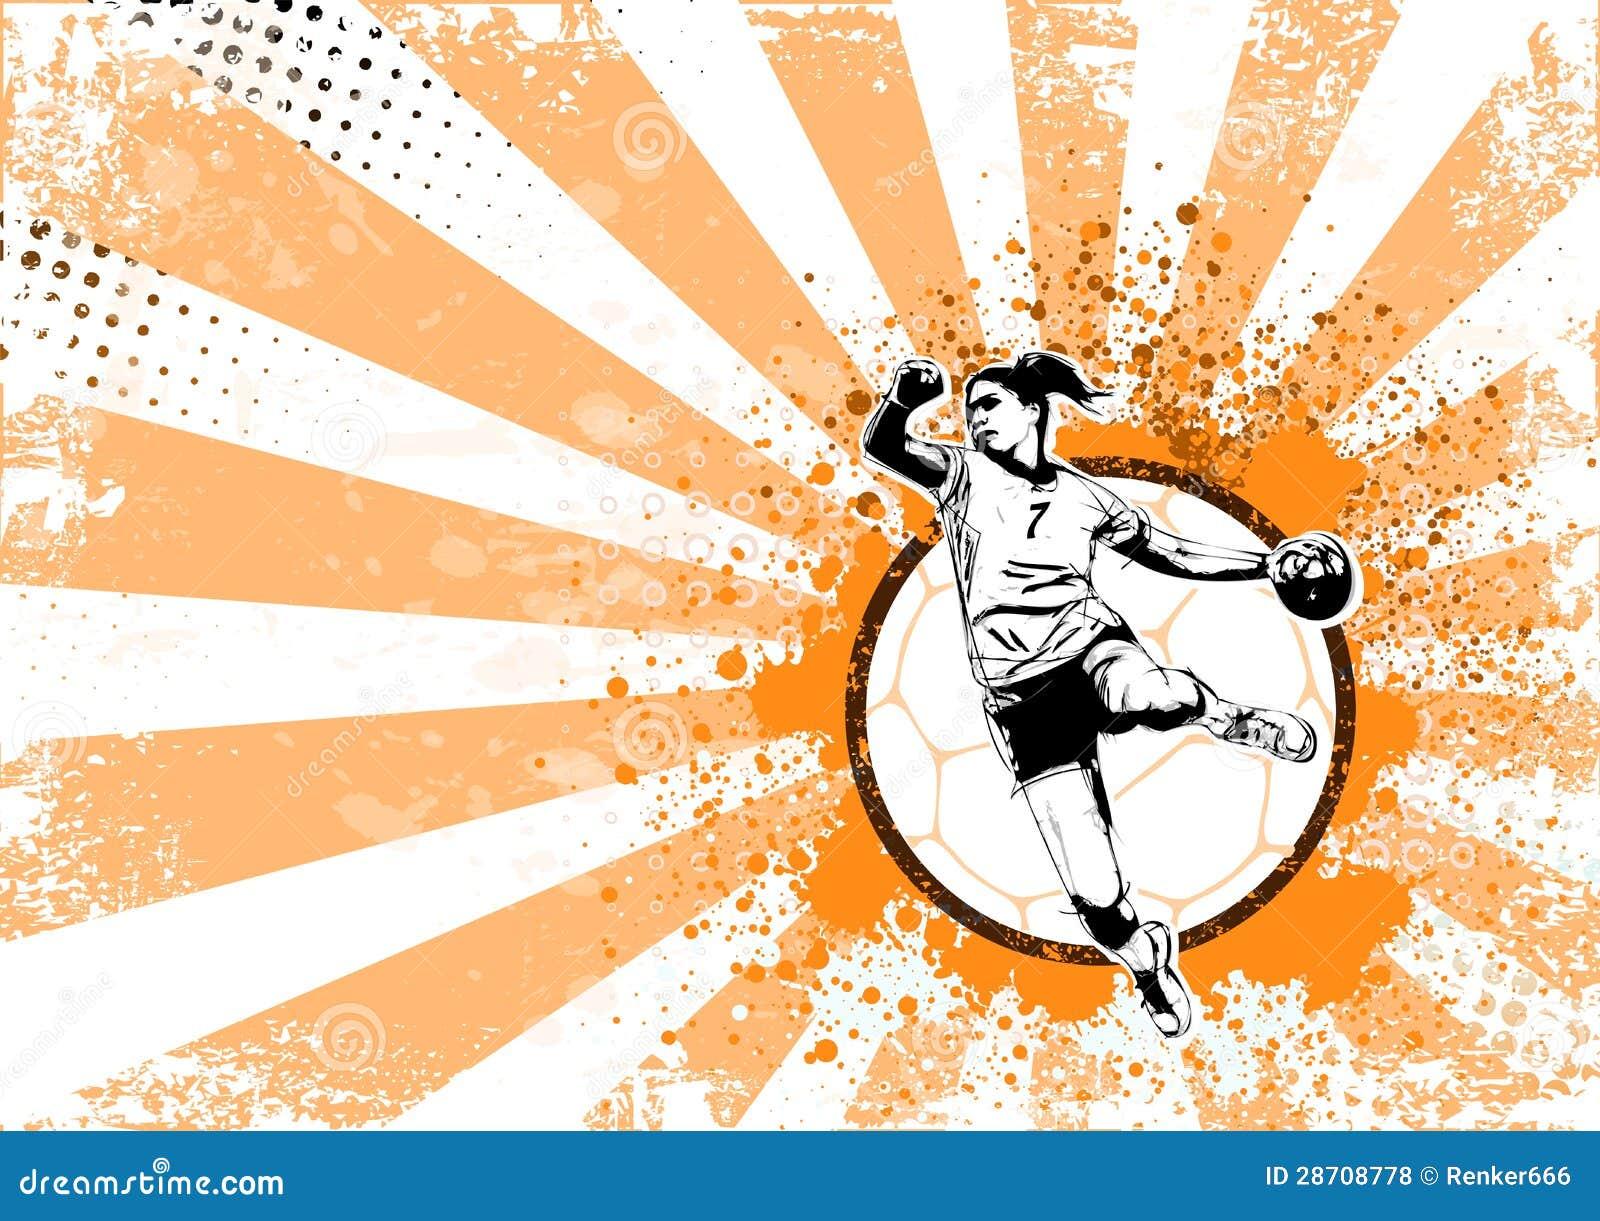 R tro fond d 39 affiche de handball photos libres de droits for Fond affiche gratuit